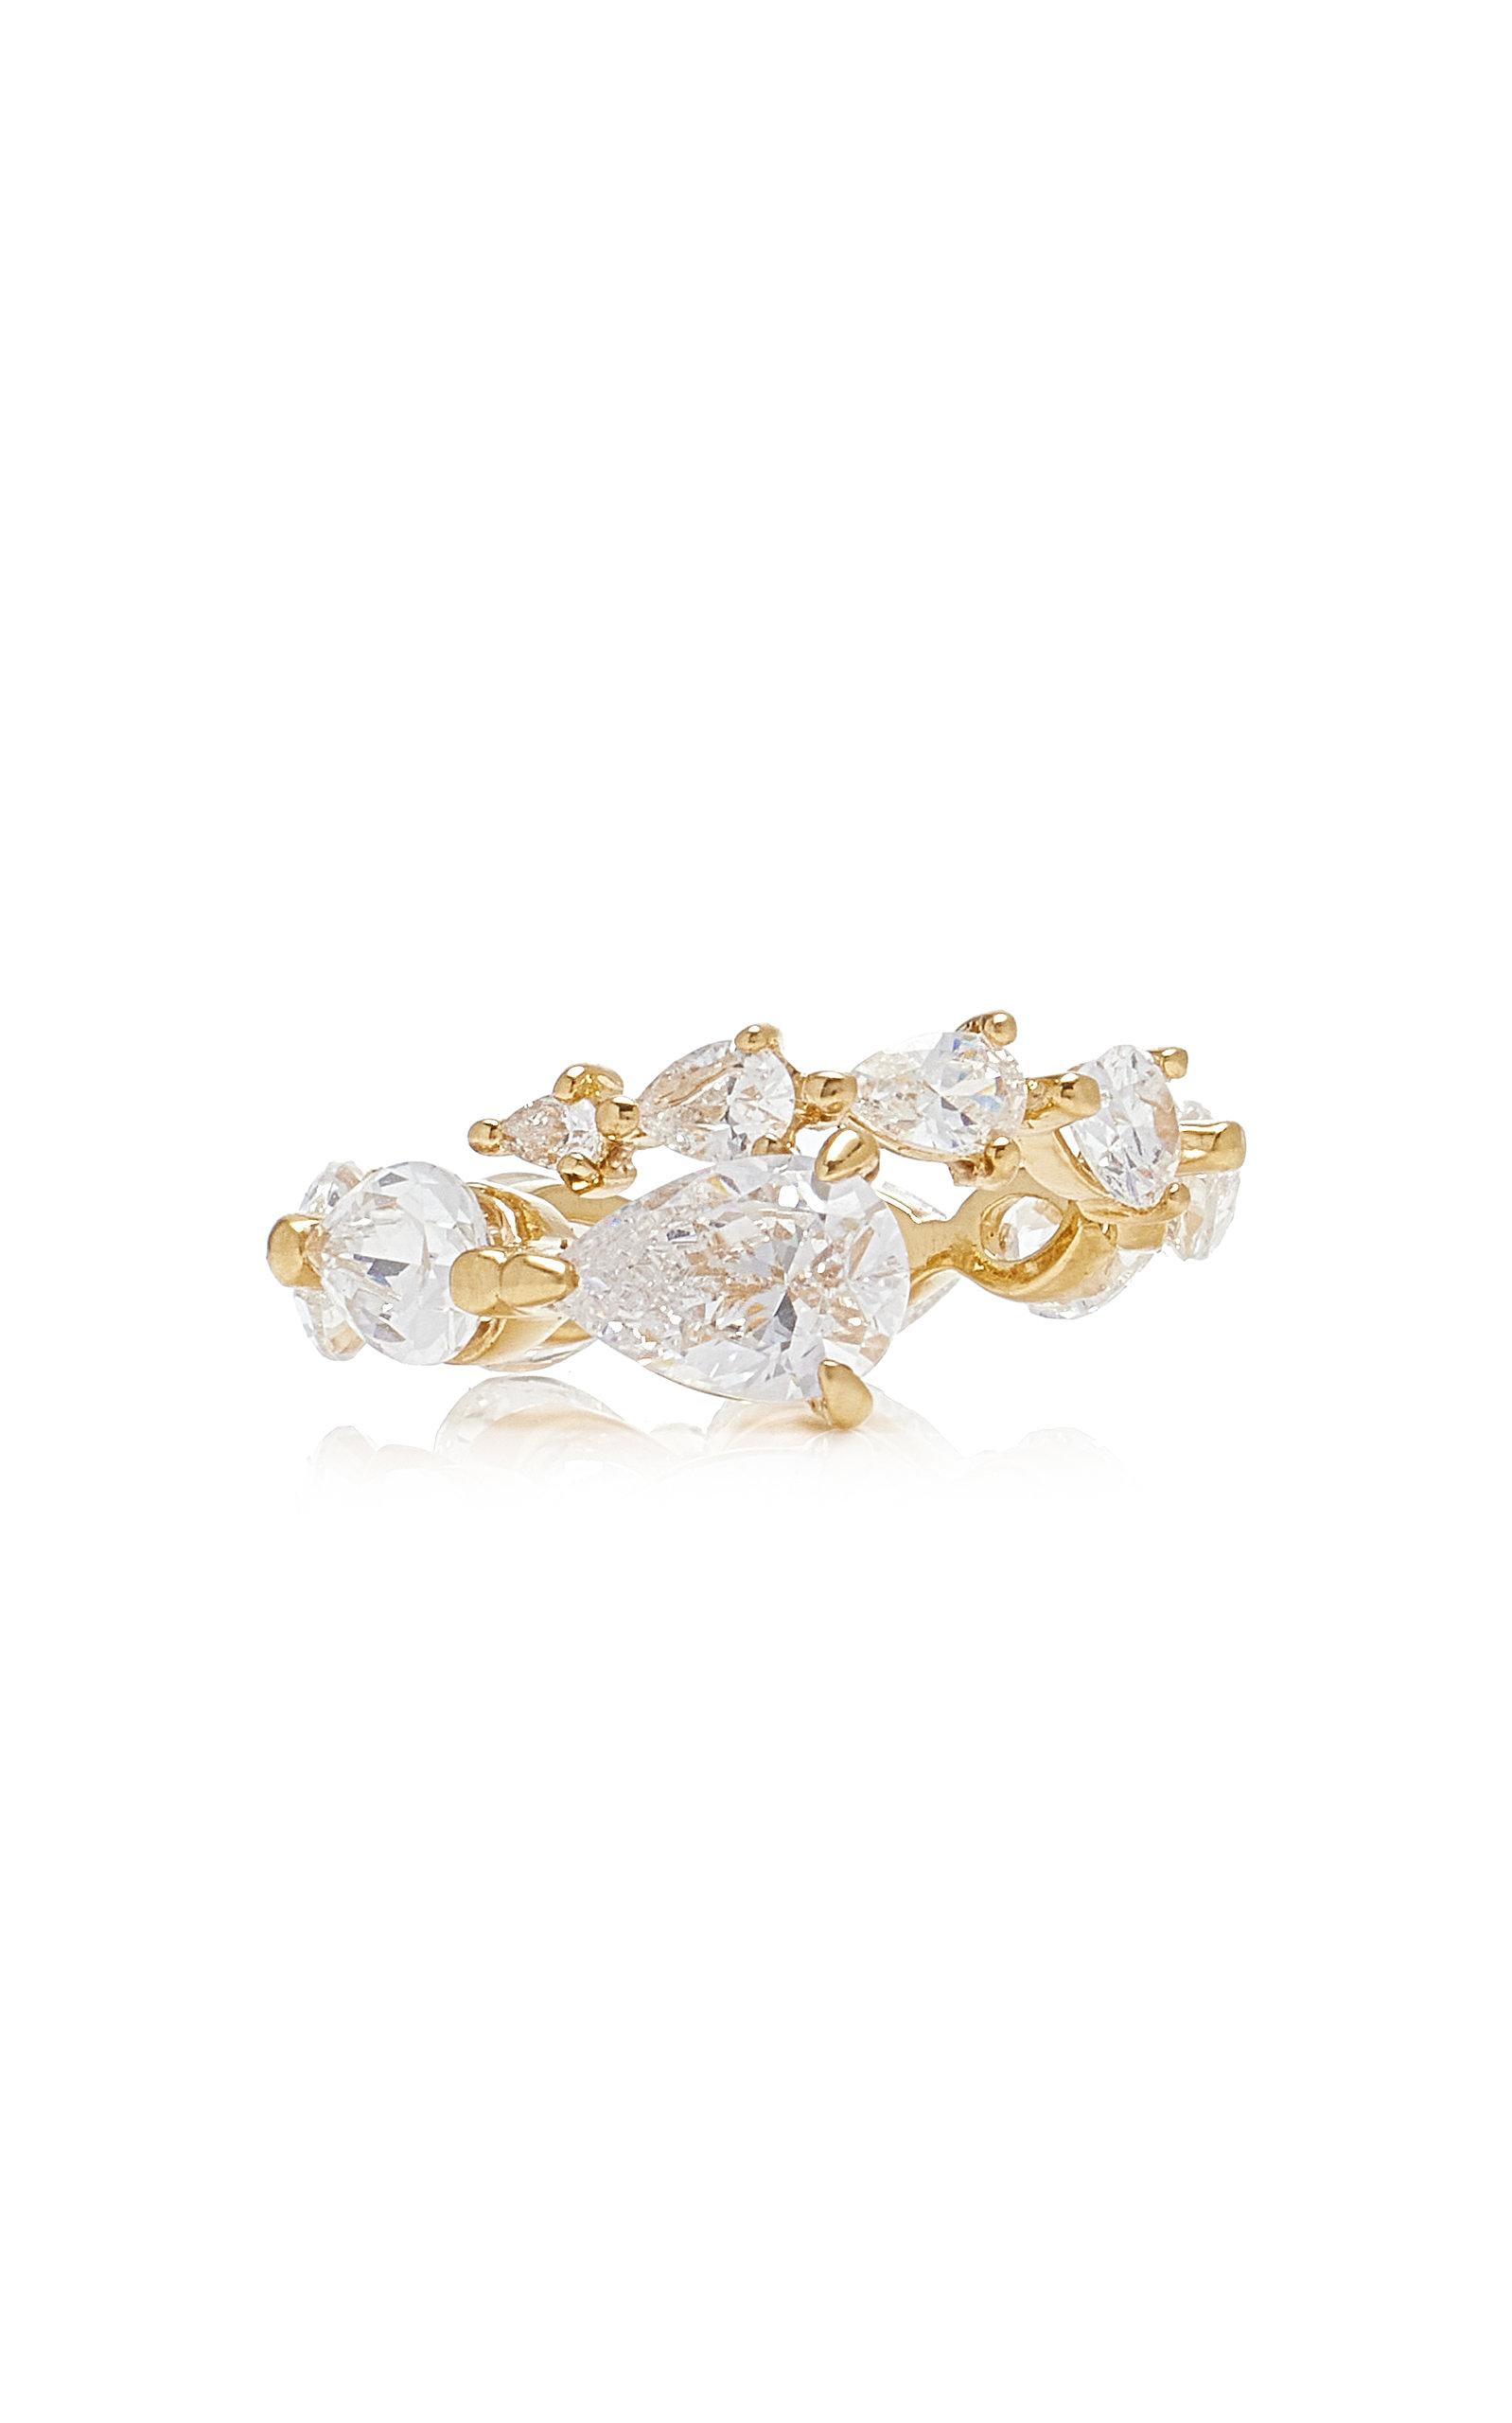 Women's Starburst 18K White Gold Vermeil Diamond Ring